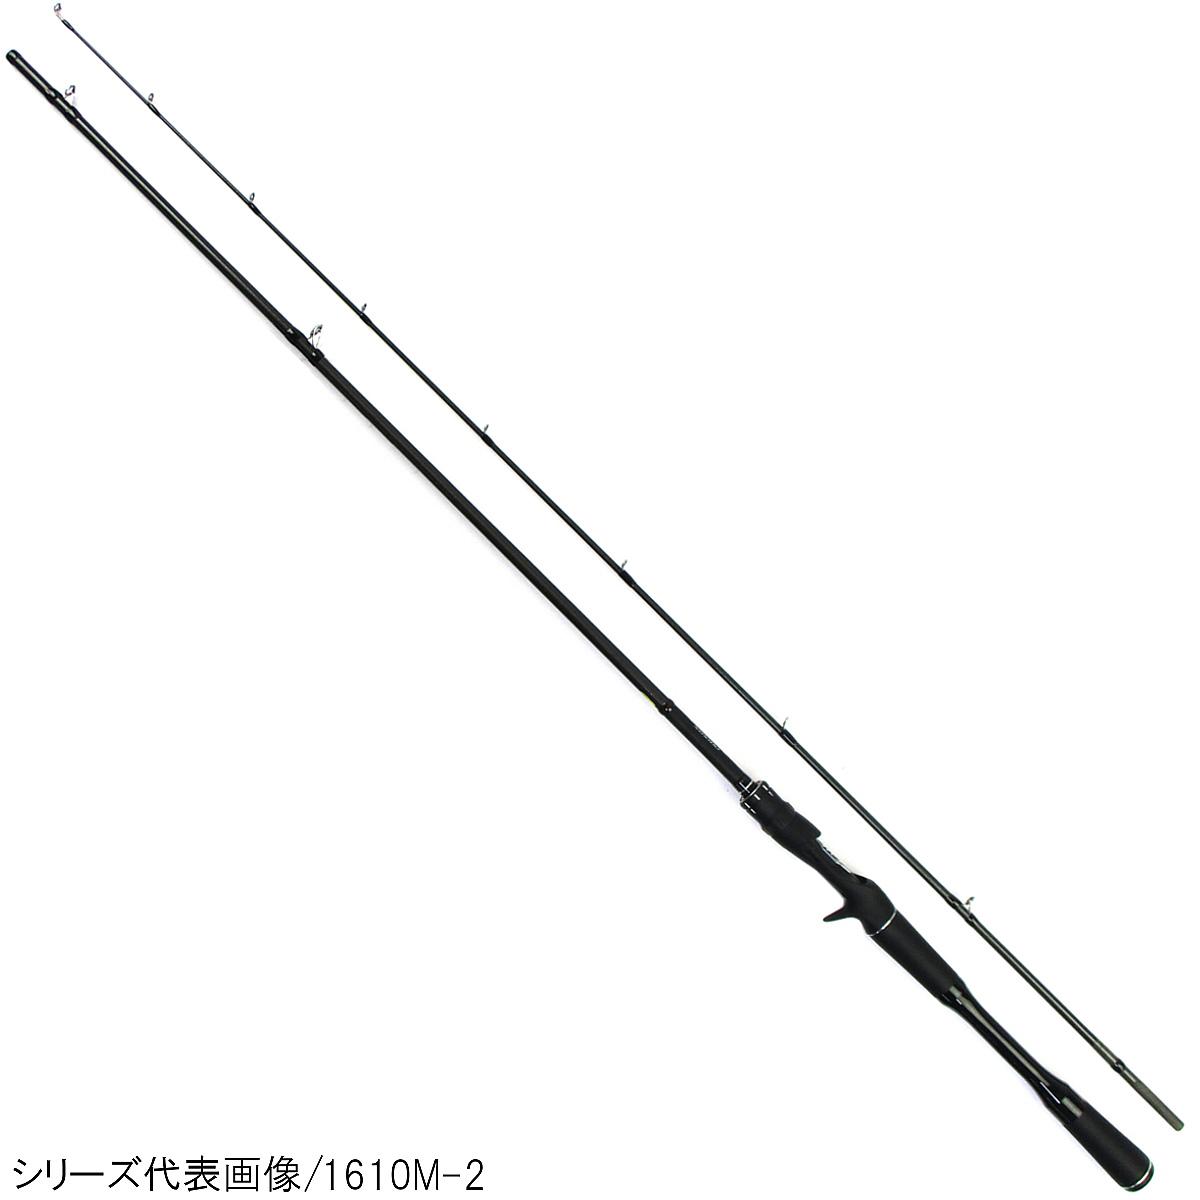 シマノ ポイズンアドレナ センターカット2ピース (ベイト) 166ML-2【送料無料】